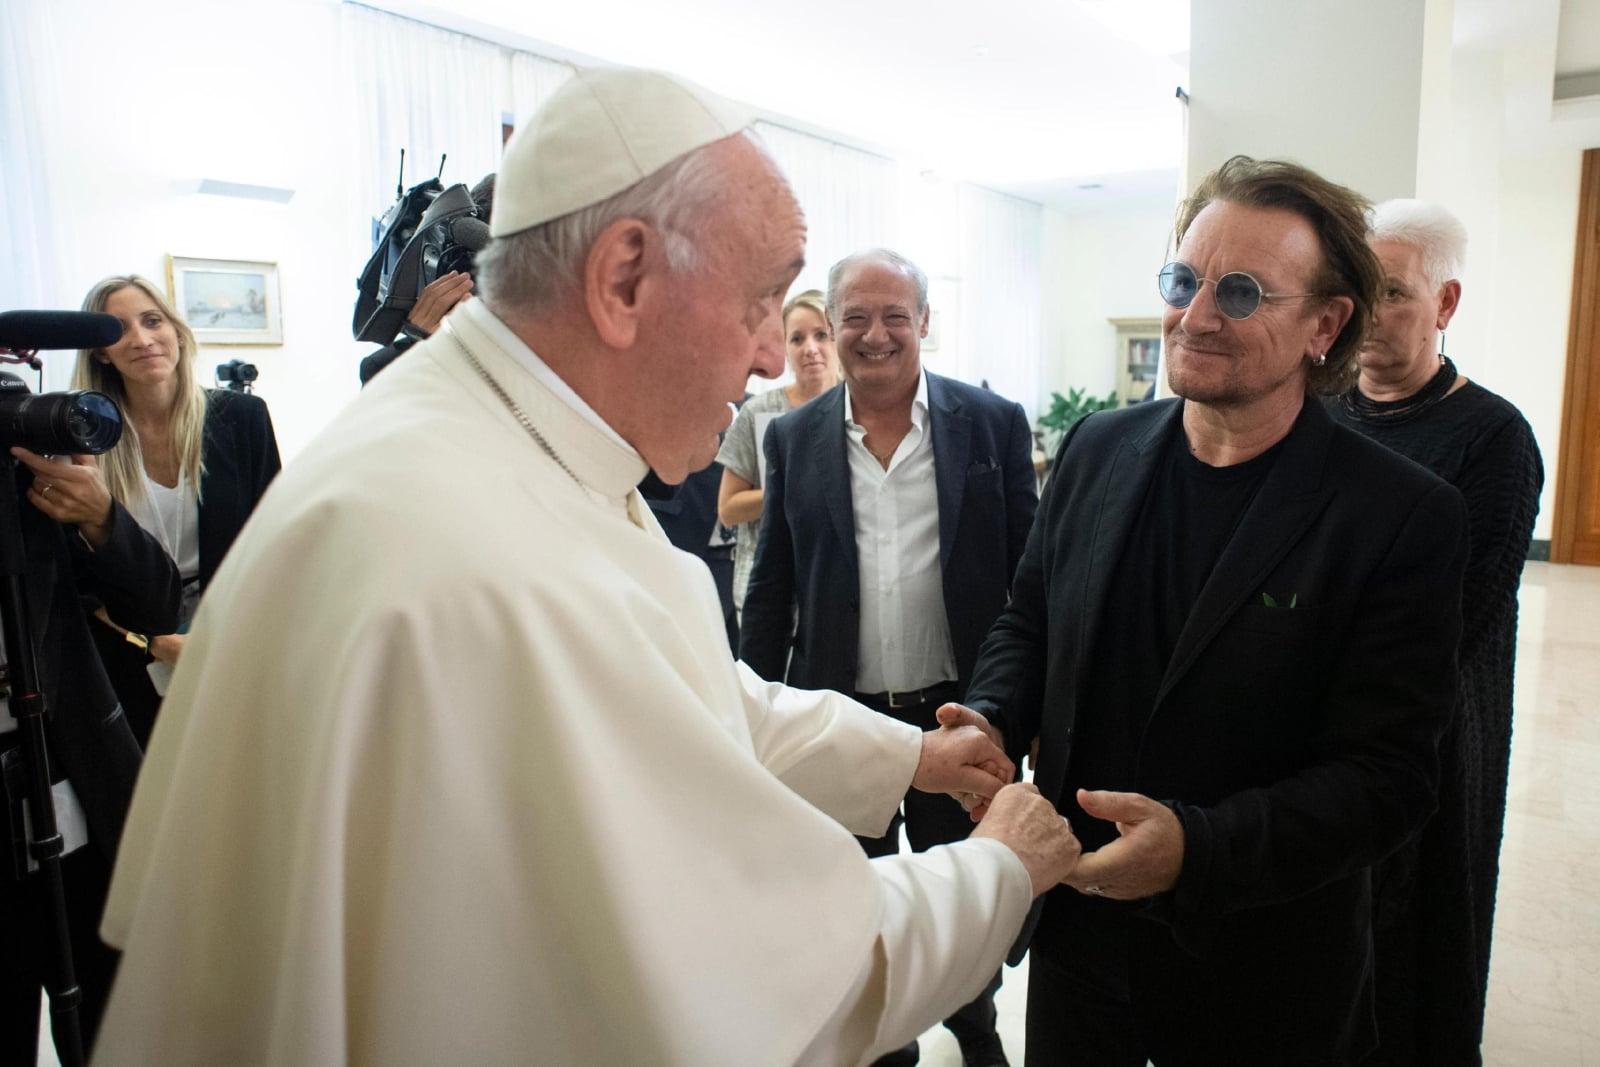 Spotkanie Papieża Franciszka z Bono Vox (pseudonim sceniczny Paula Davida Hewsona), frontmana zespołu rockowego U2, w Watykanie, fot. EPA/VATICAN MEDIA